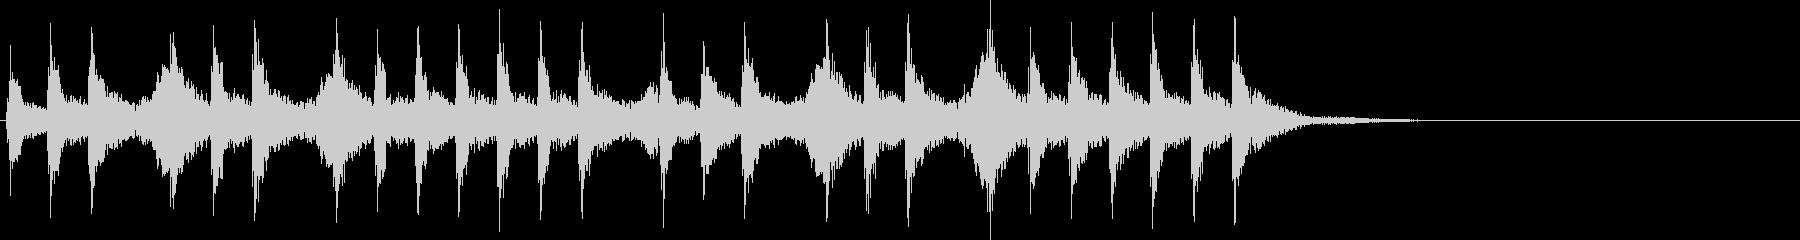 三三七拍子×2(速)太鼓+手拍子+笛+声の未再生の波形